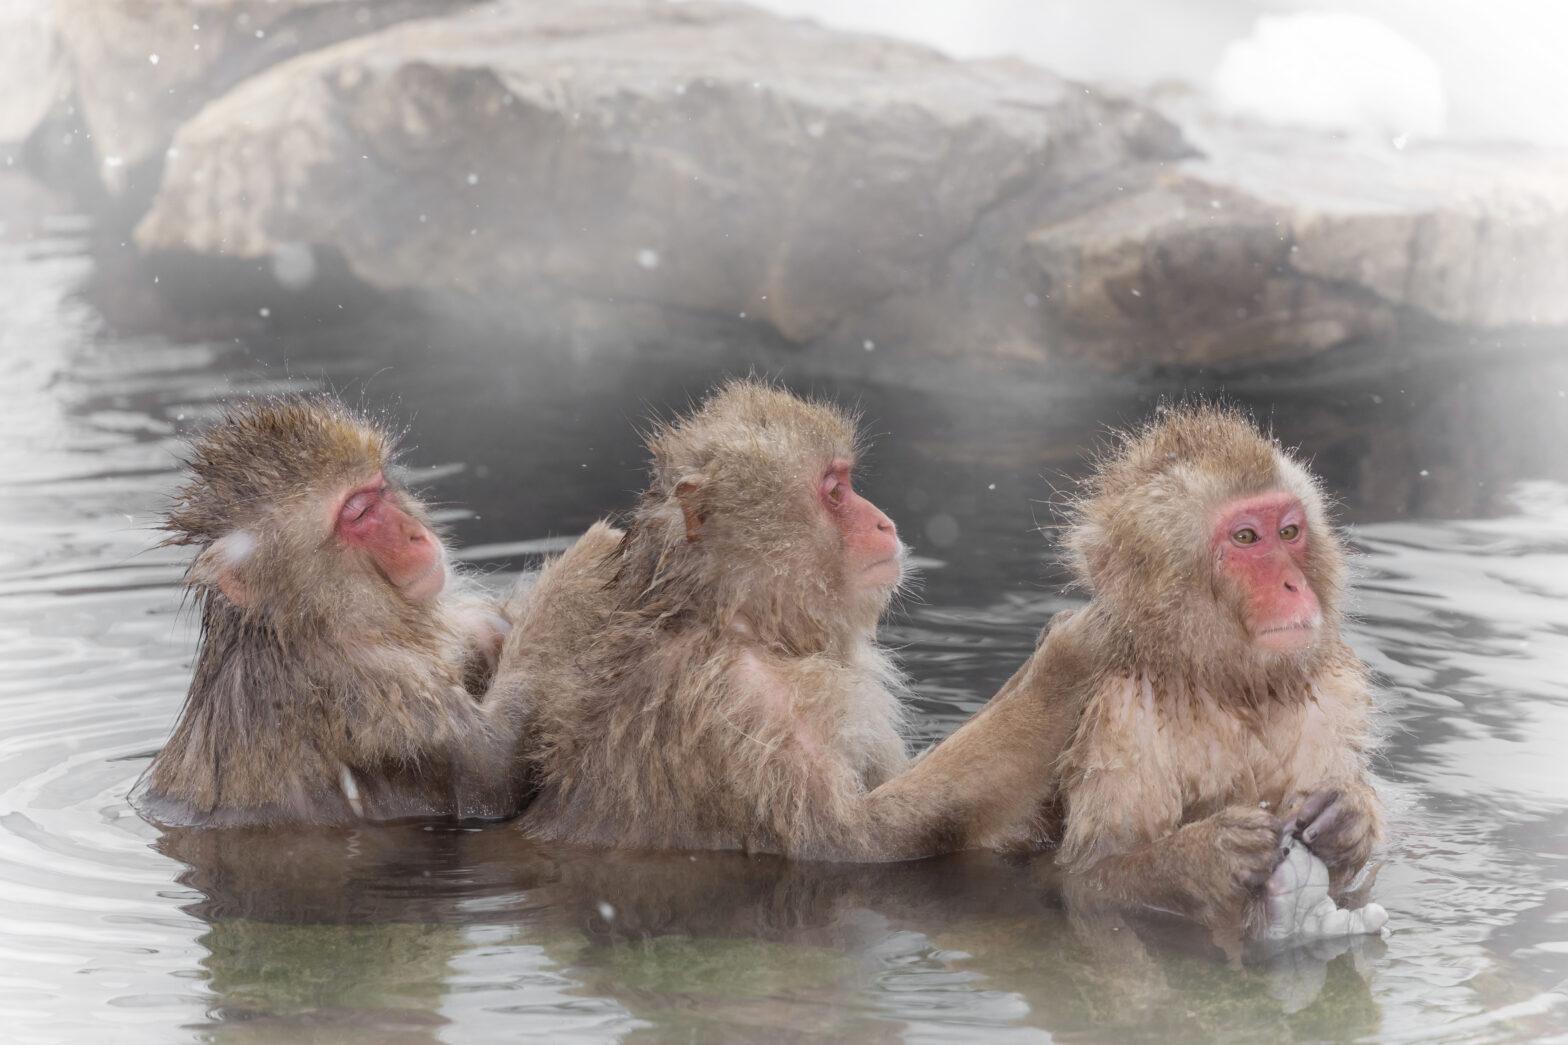 【関東甲信越】混浴温泉・露天風呂 全81施設一覧&おすすめランキングTOP10|2020年最新情報